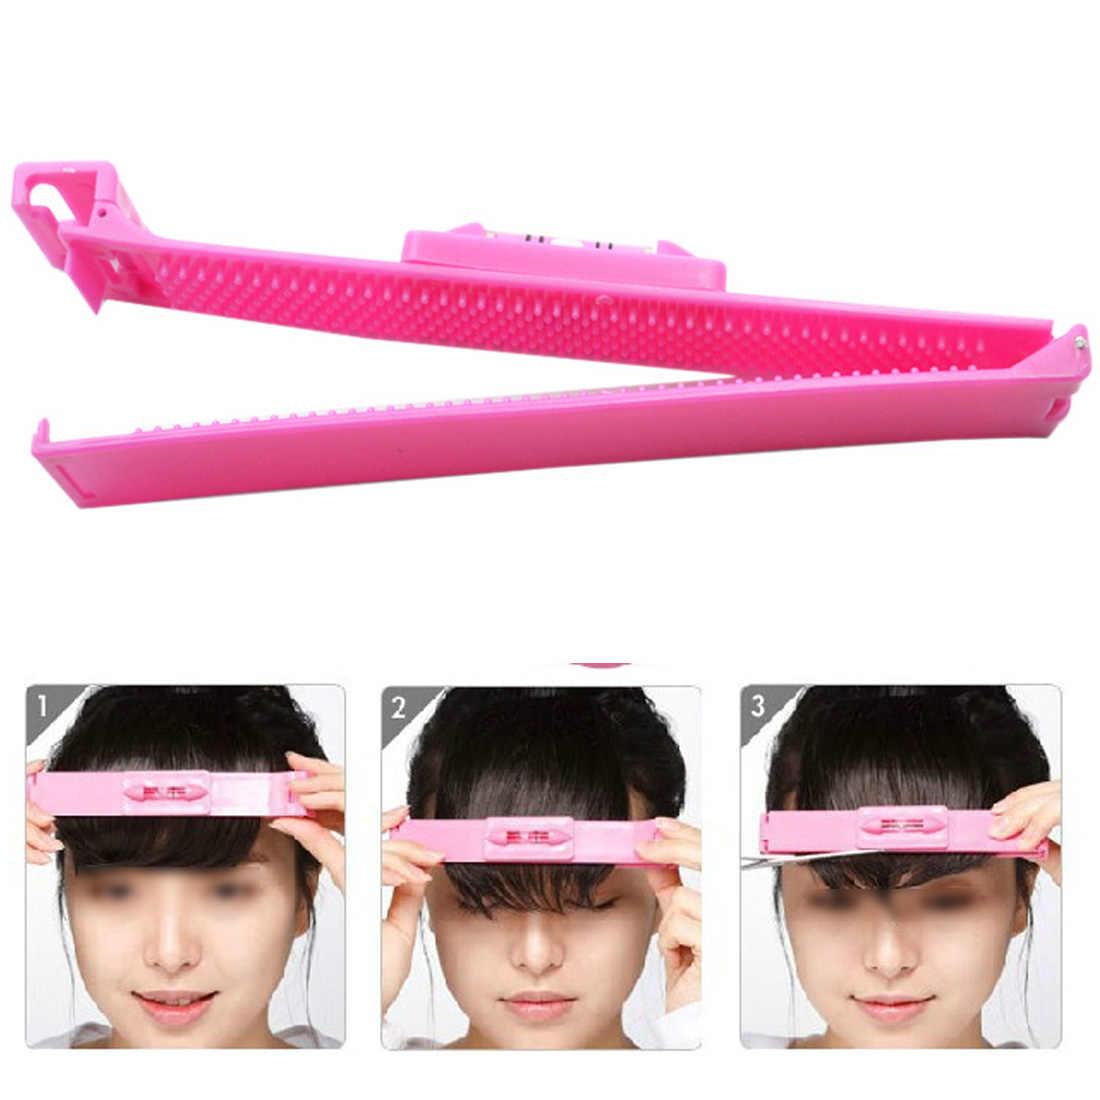 Женский Триммер для волос с бахромой инструмент для стрижки волос Линейка-уровень аксессуары для стрижки волос DIY инструмент для обрезки челки